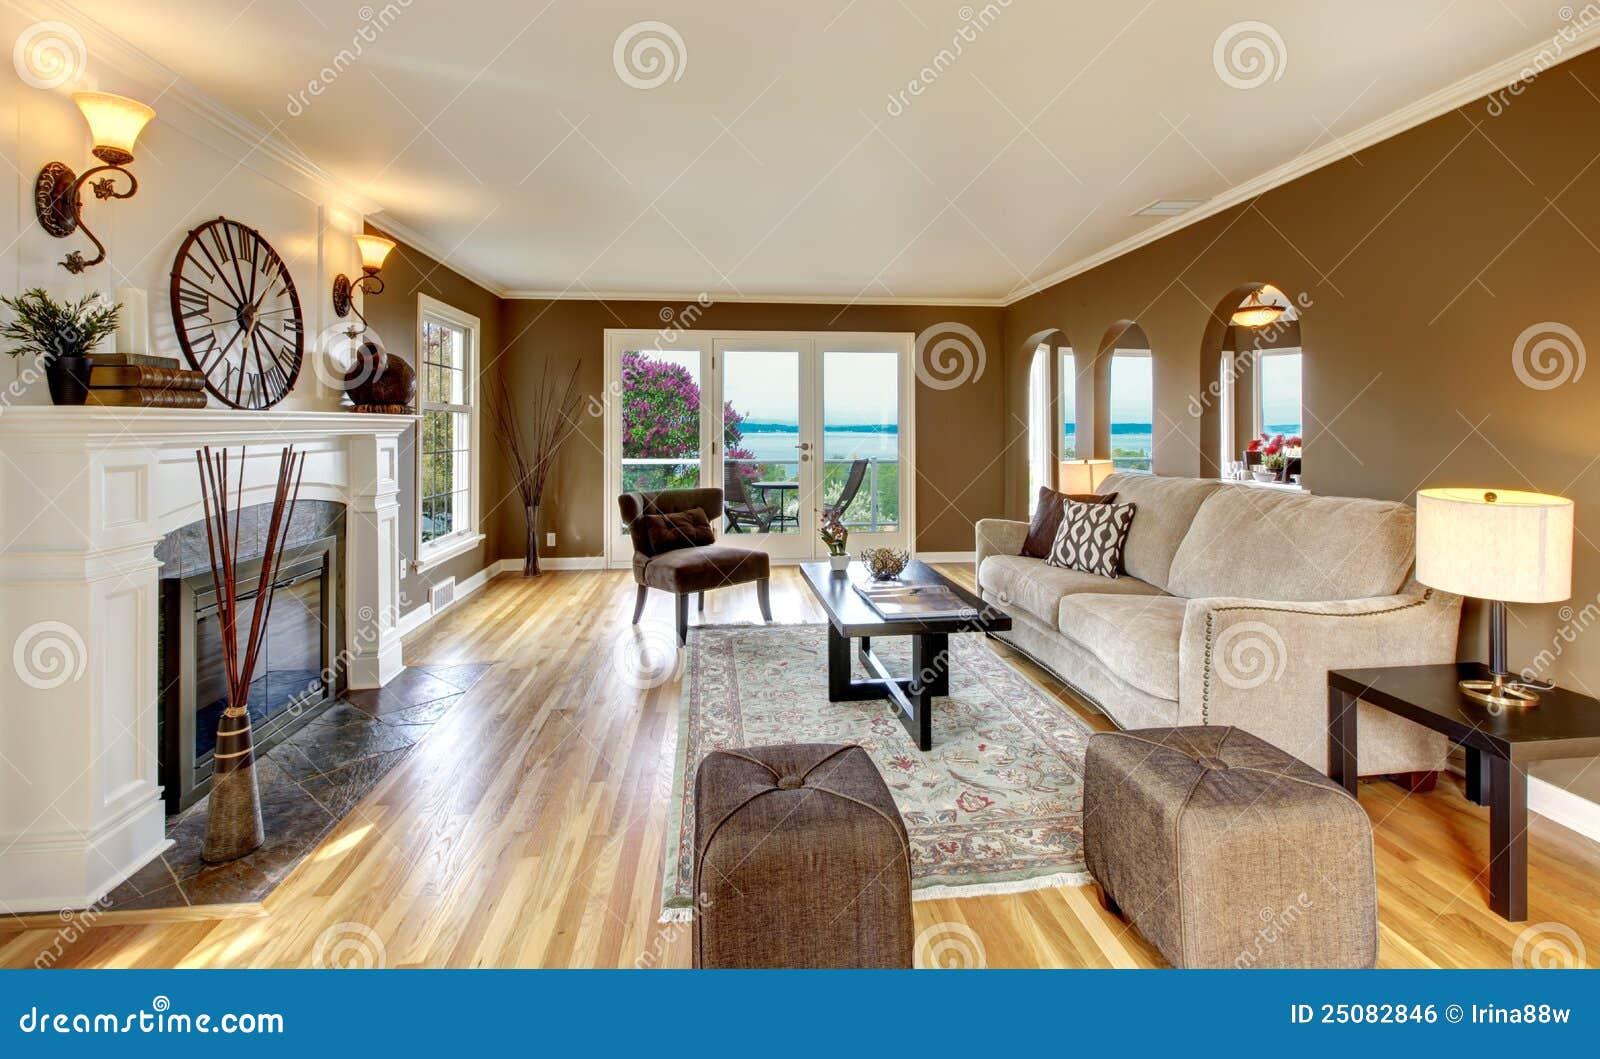 Vardagsrum med ädelträgolvet, spisen och stora fönster. royaltyfri ...